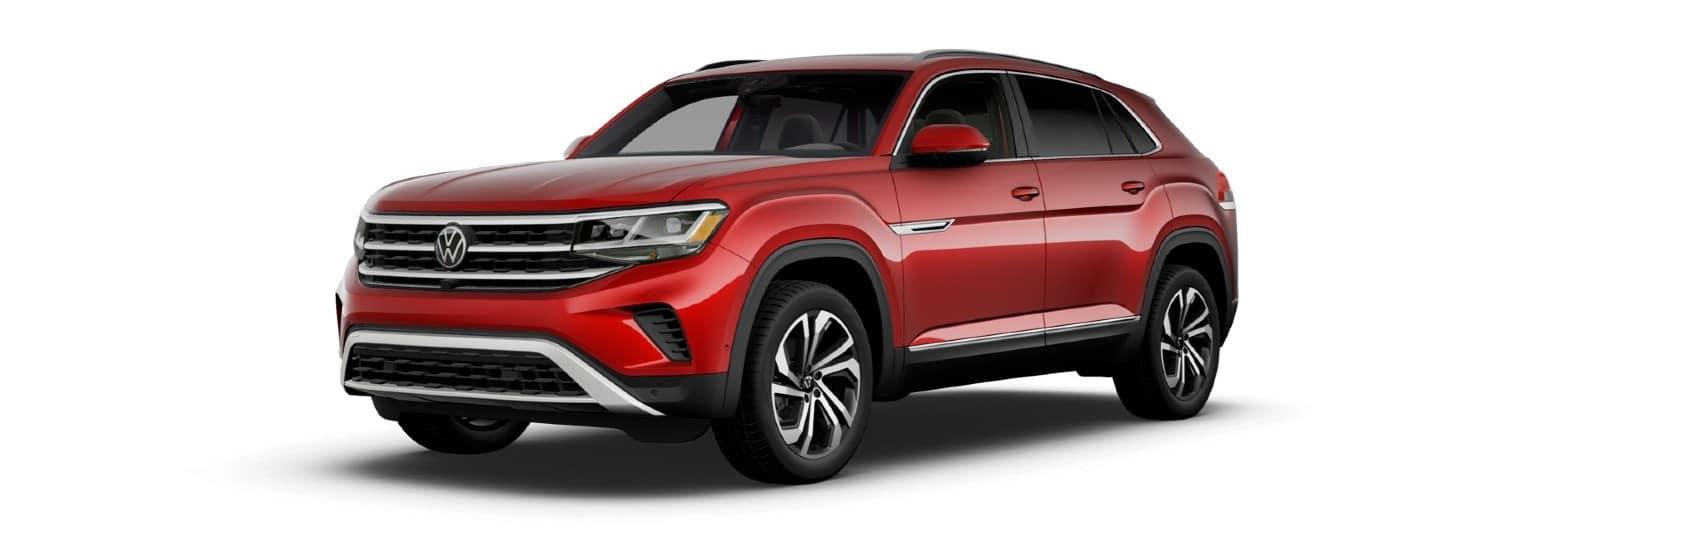 2021 Volkswagen Atlas Cross Sport Red Metallic